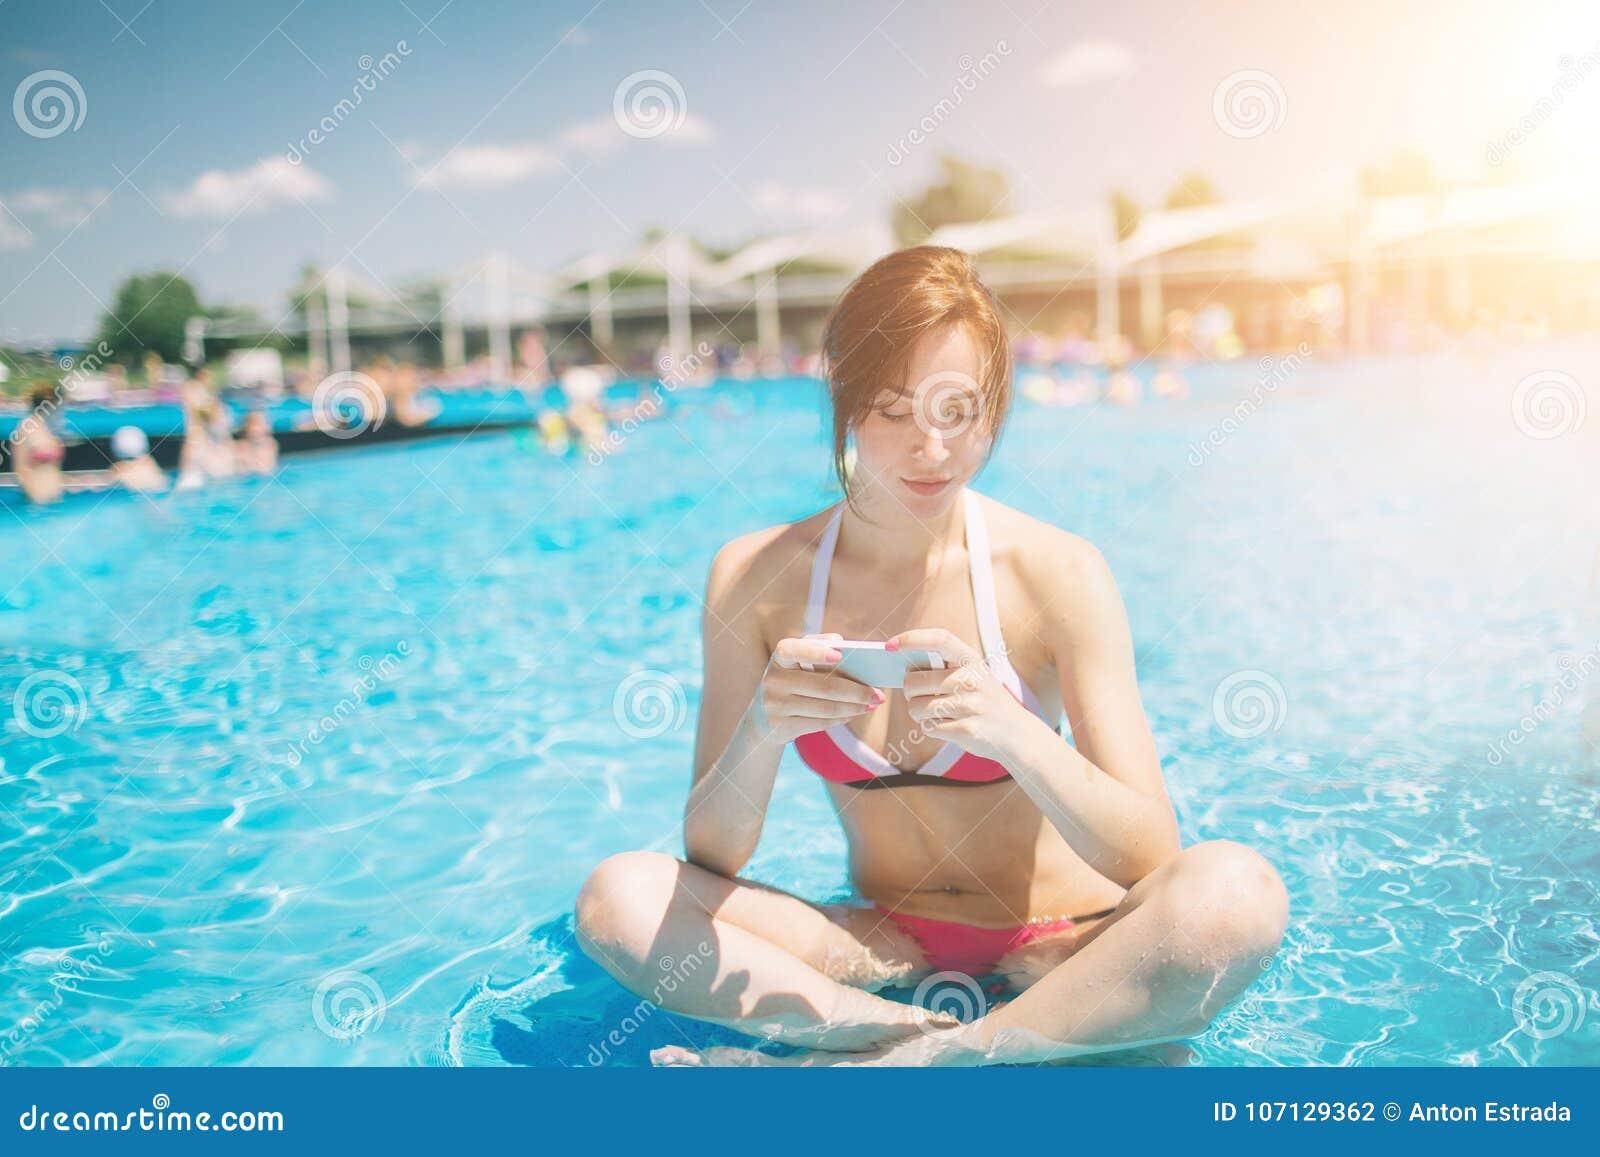 Młoda piękna uśmiechnięta kobieta w bikini w ciepłym basenie na kurorcie i rozmowie w telefonie komórkowym